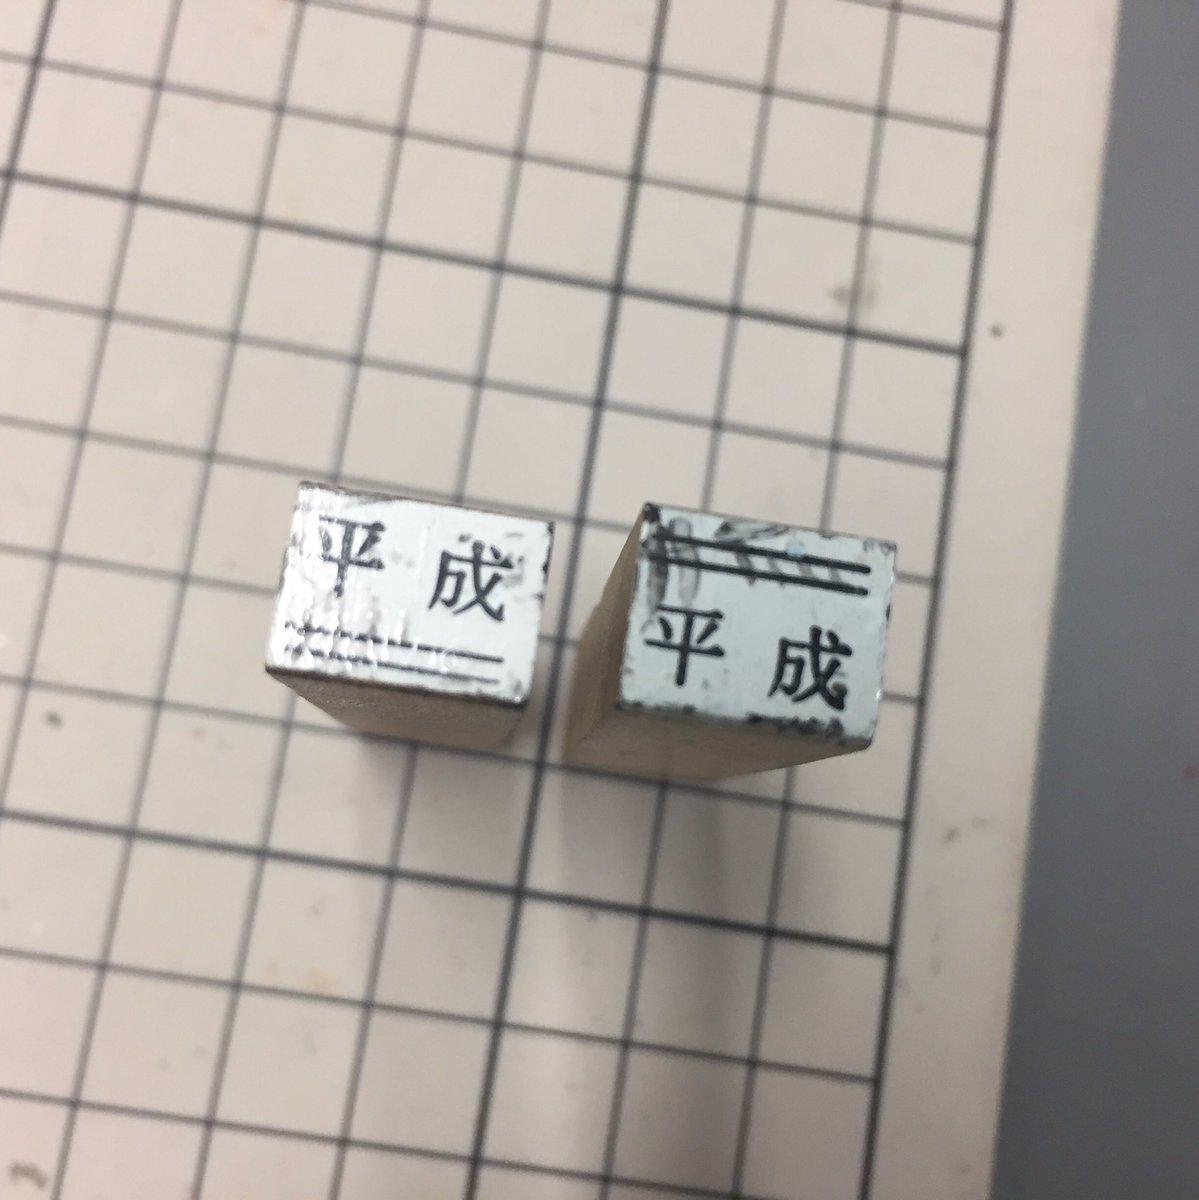 事務所のスタンプボックスから出てきた昭和から平成への訂正印。29年前の記憶。 https://t.co/FFkleAGfuC